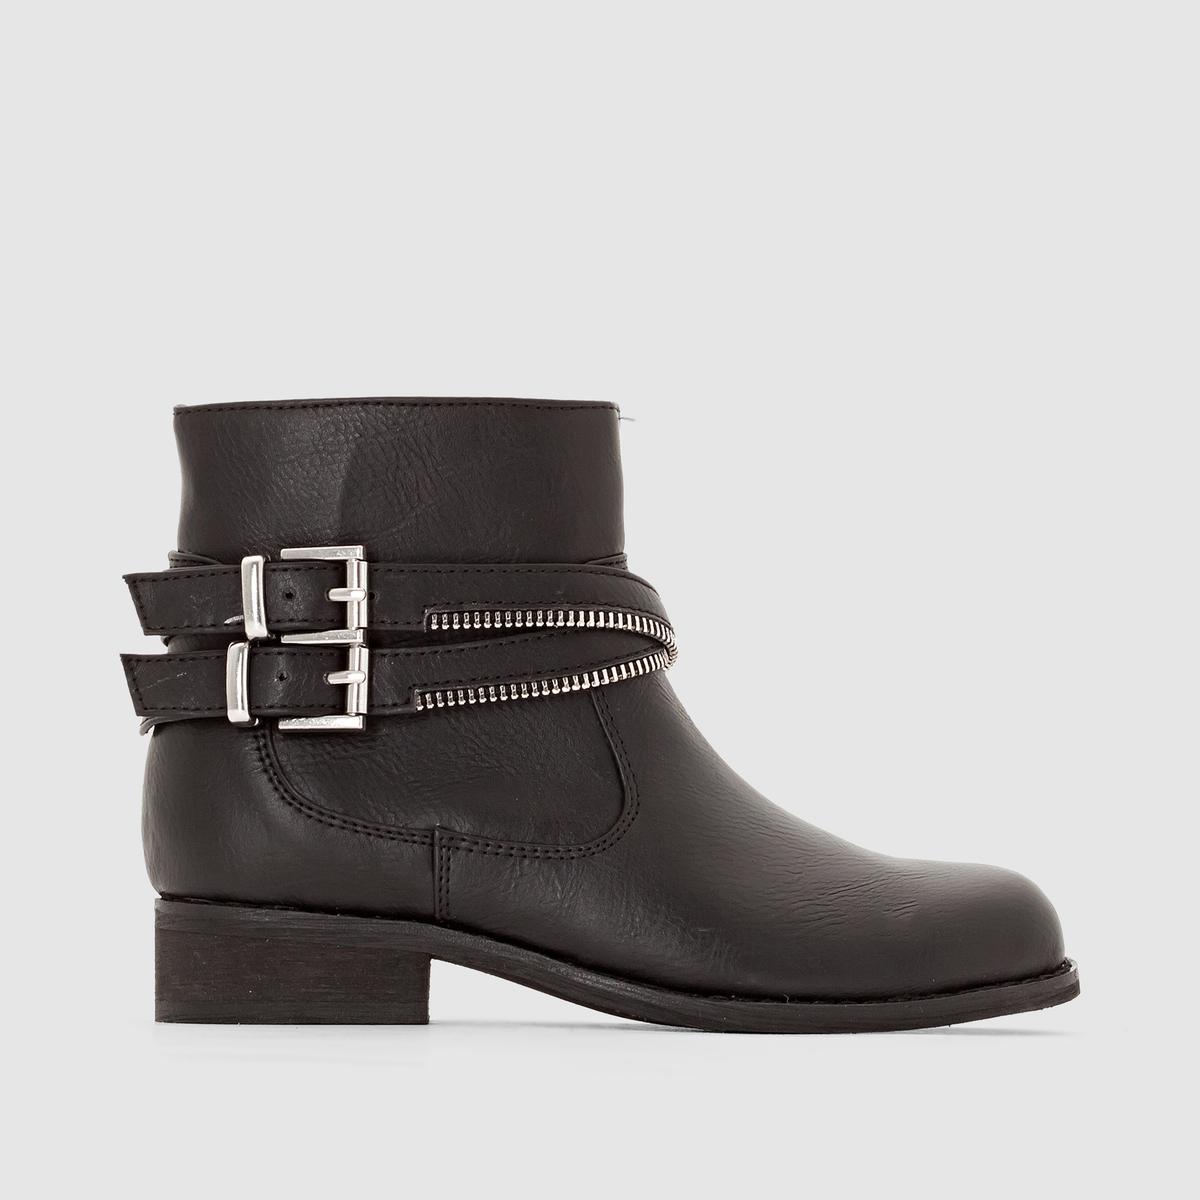 Ботинки в байкерском стиле с ремешками